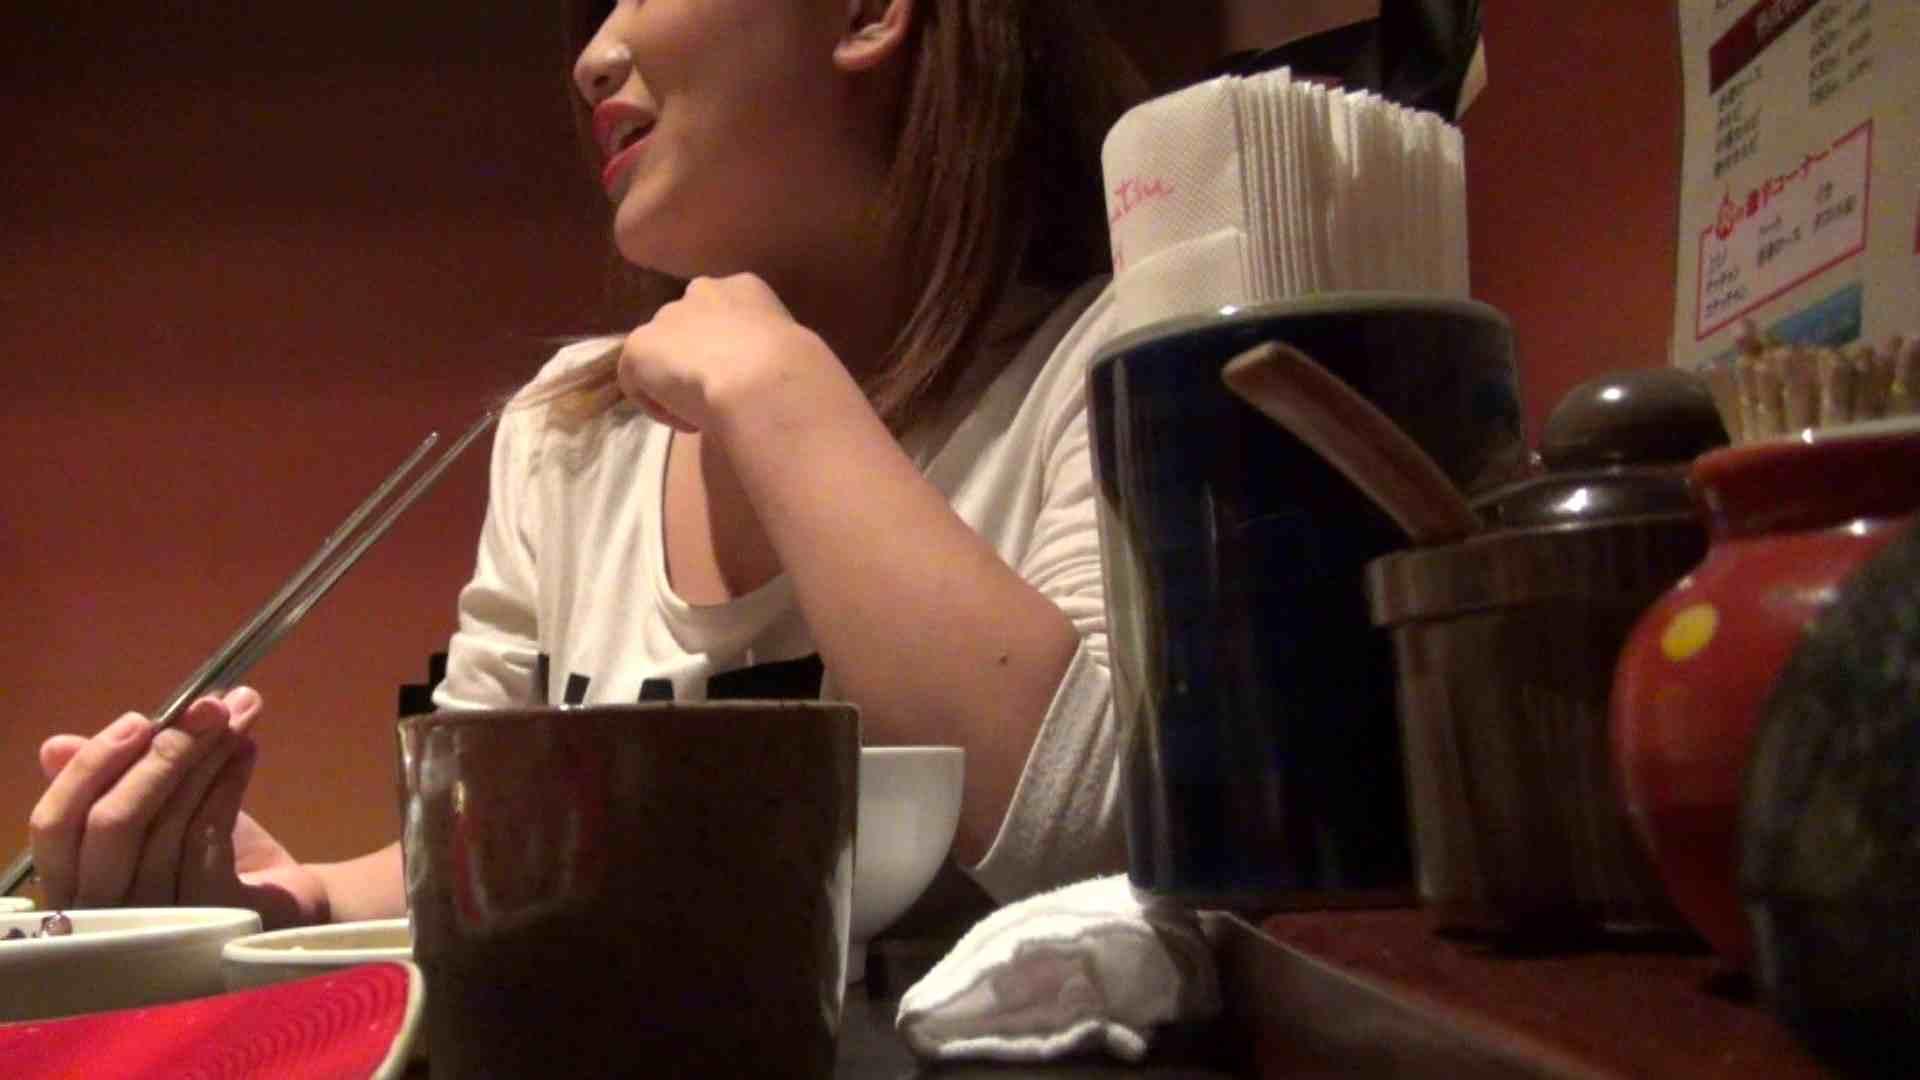 【出会い01】大助さんMちゃんと食事会 エッチすぎる友人  54連発 32